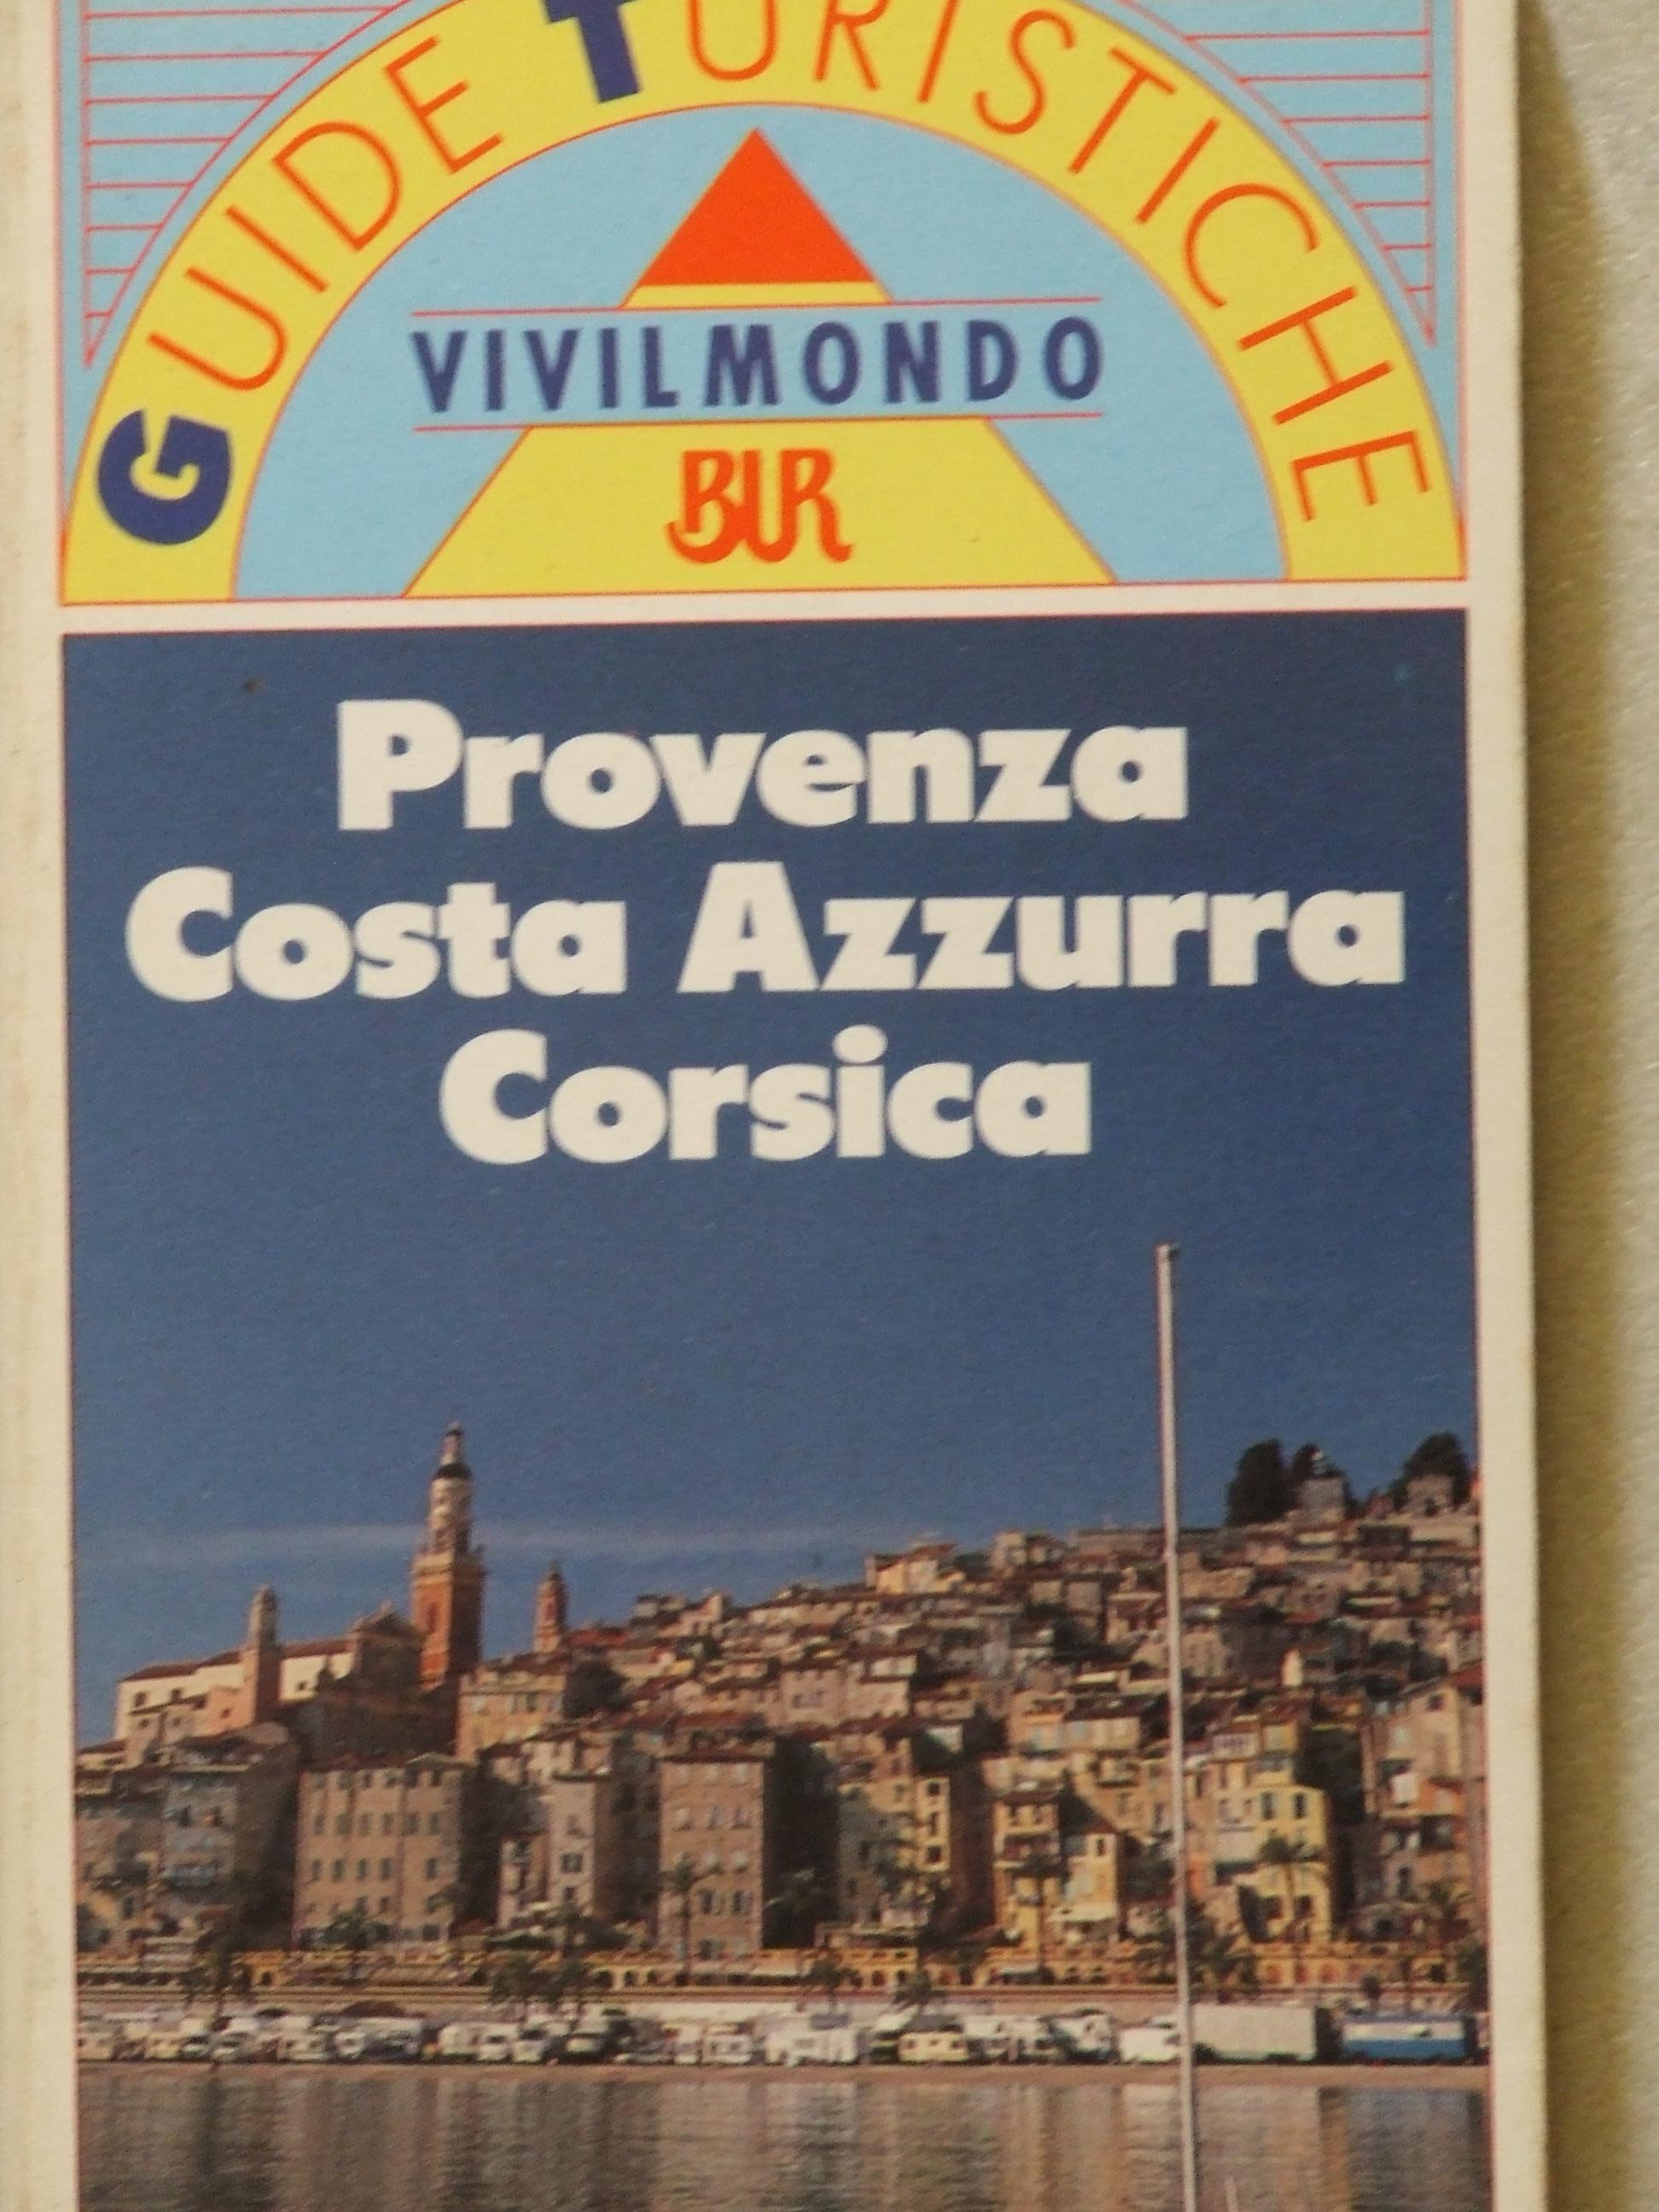 Provenza, Costa Azzurra, Corsica